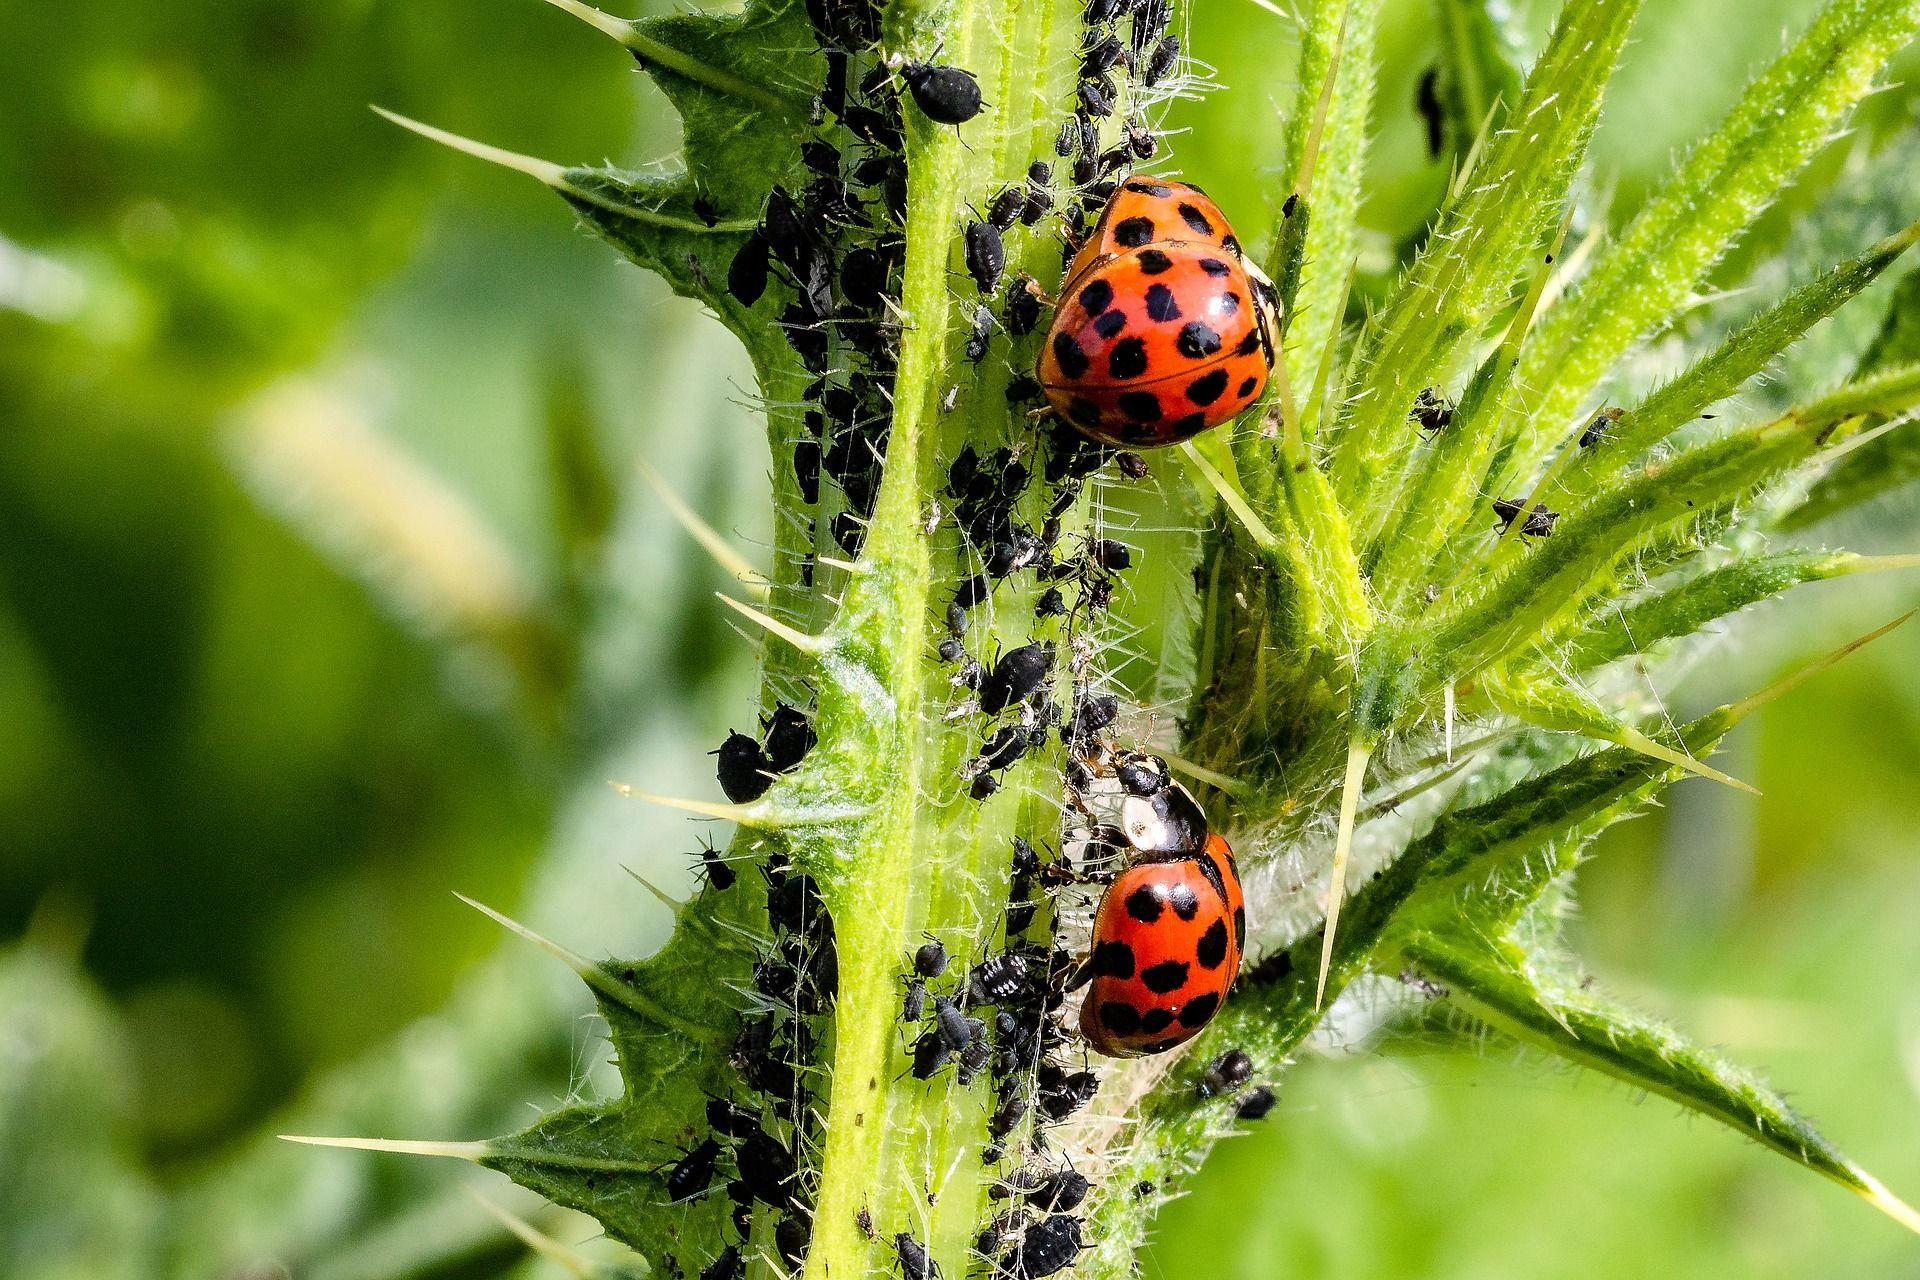 Eloigner Les Fourmis Au Jardin la coccinelle, un auxiliaire de jardin contre les pucerons